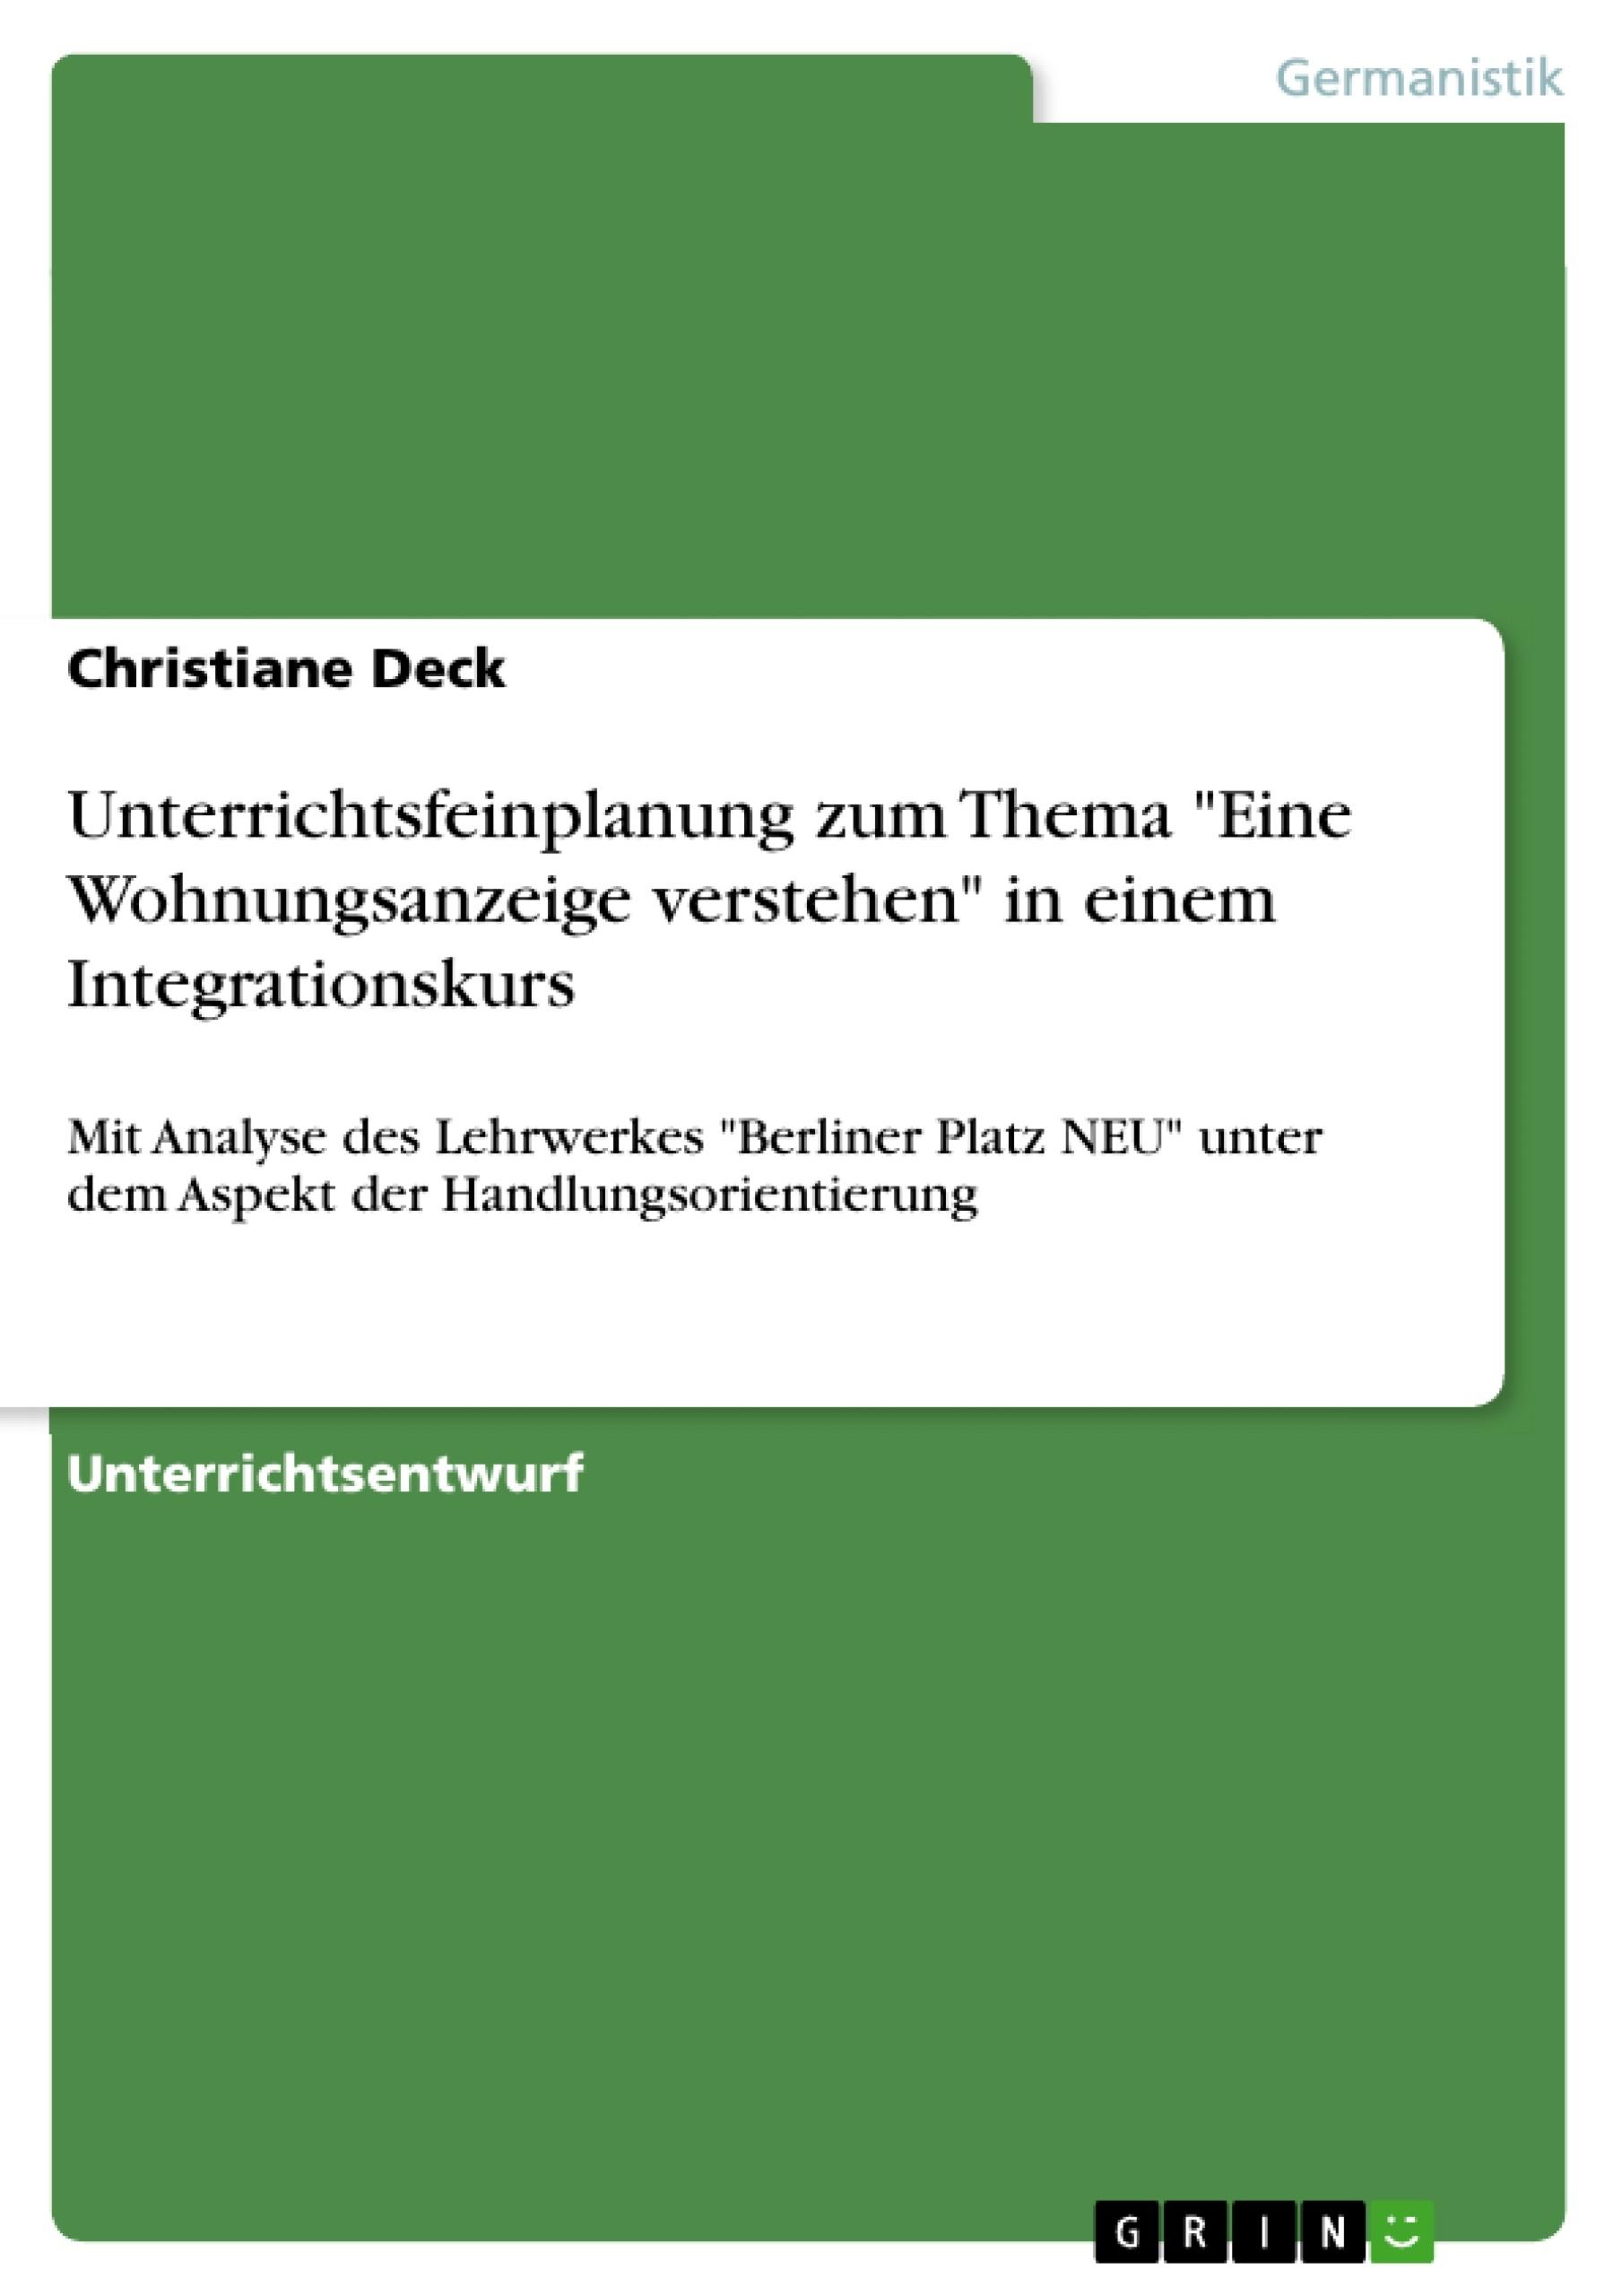 Großzügig Komplettes Thema Und Einfaches Thema Arbeitsblatt Galerie ...